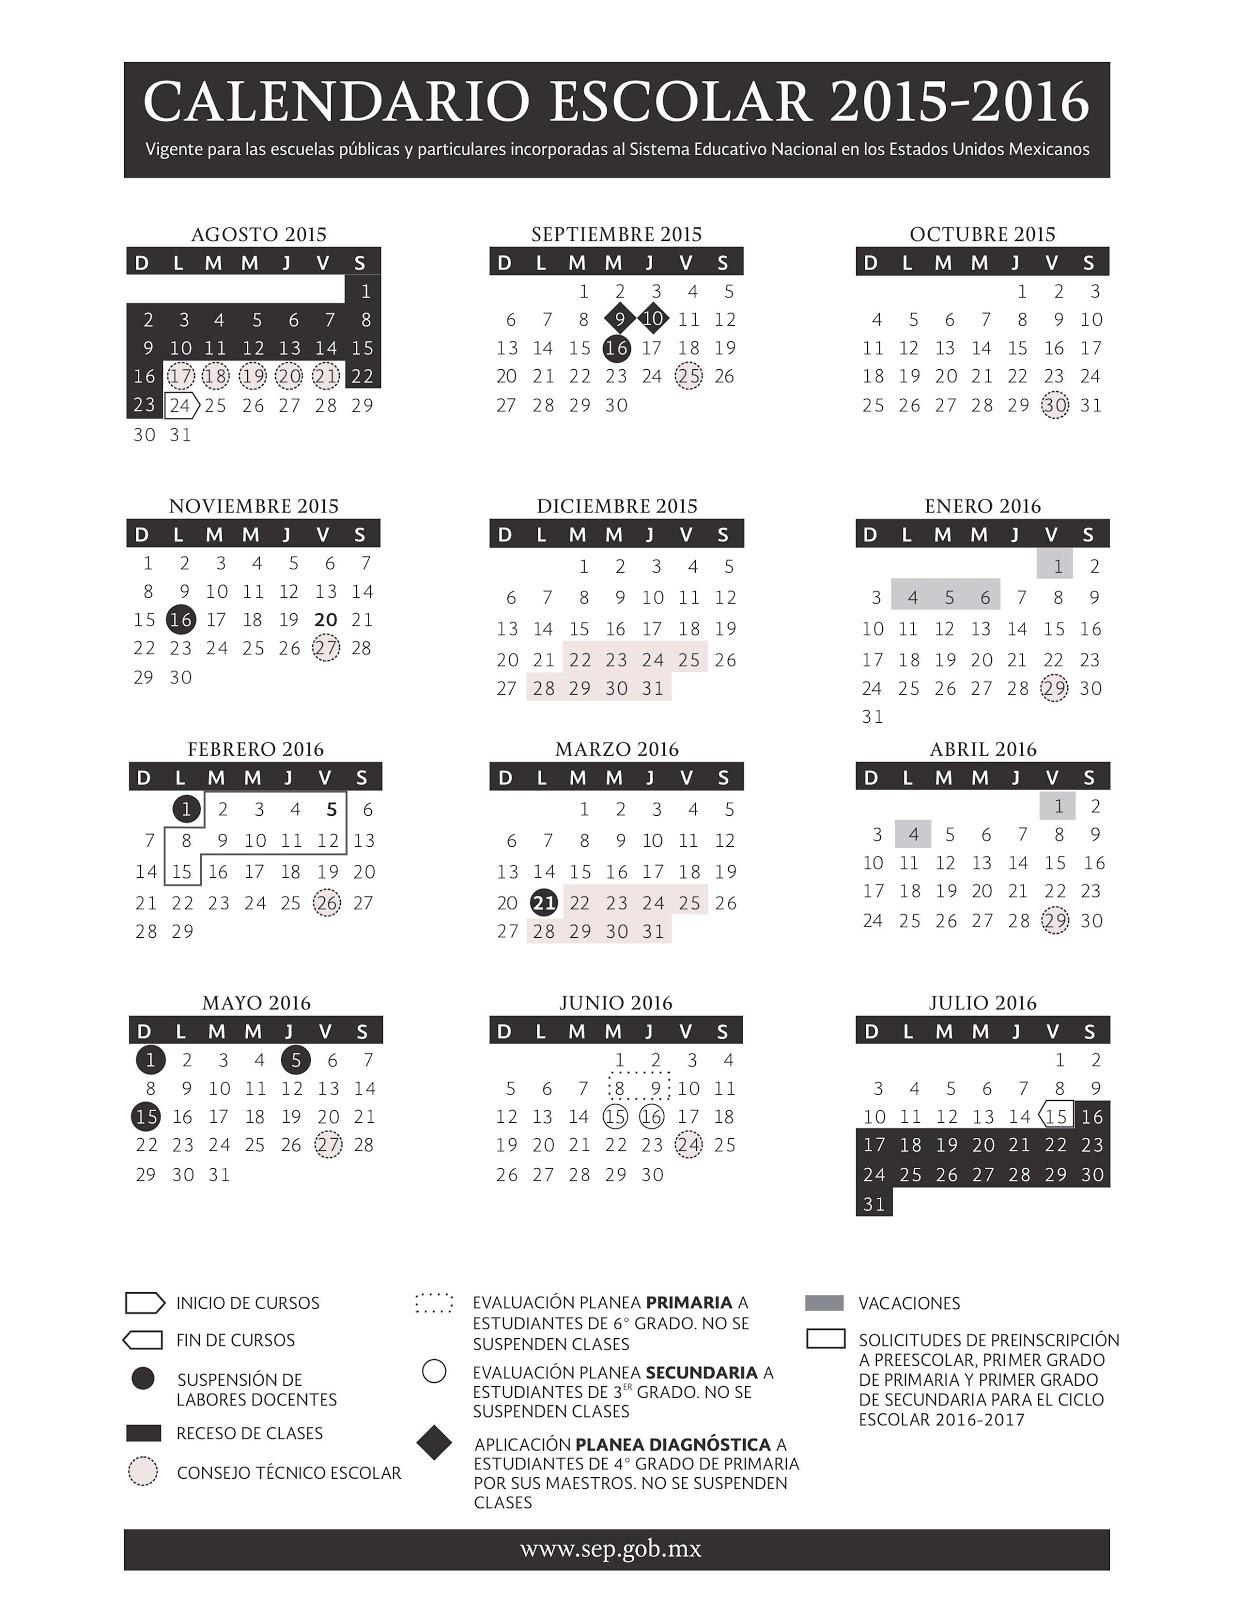 ... : DOF: Calendario Escolar para el Ciclo Lectivo 2015-2016